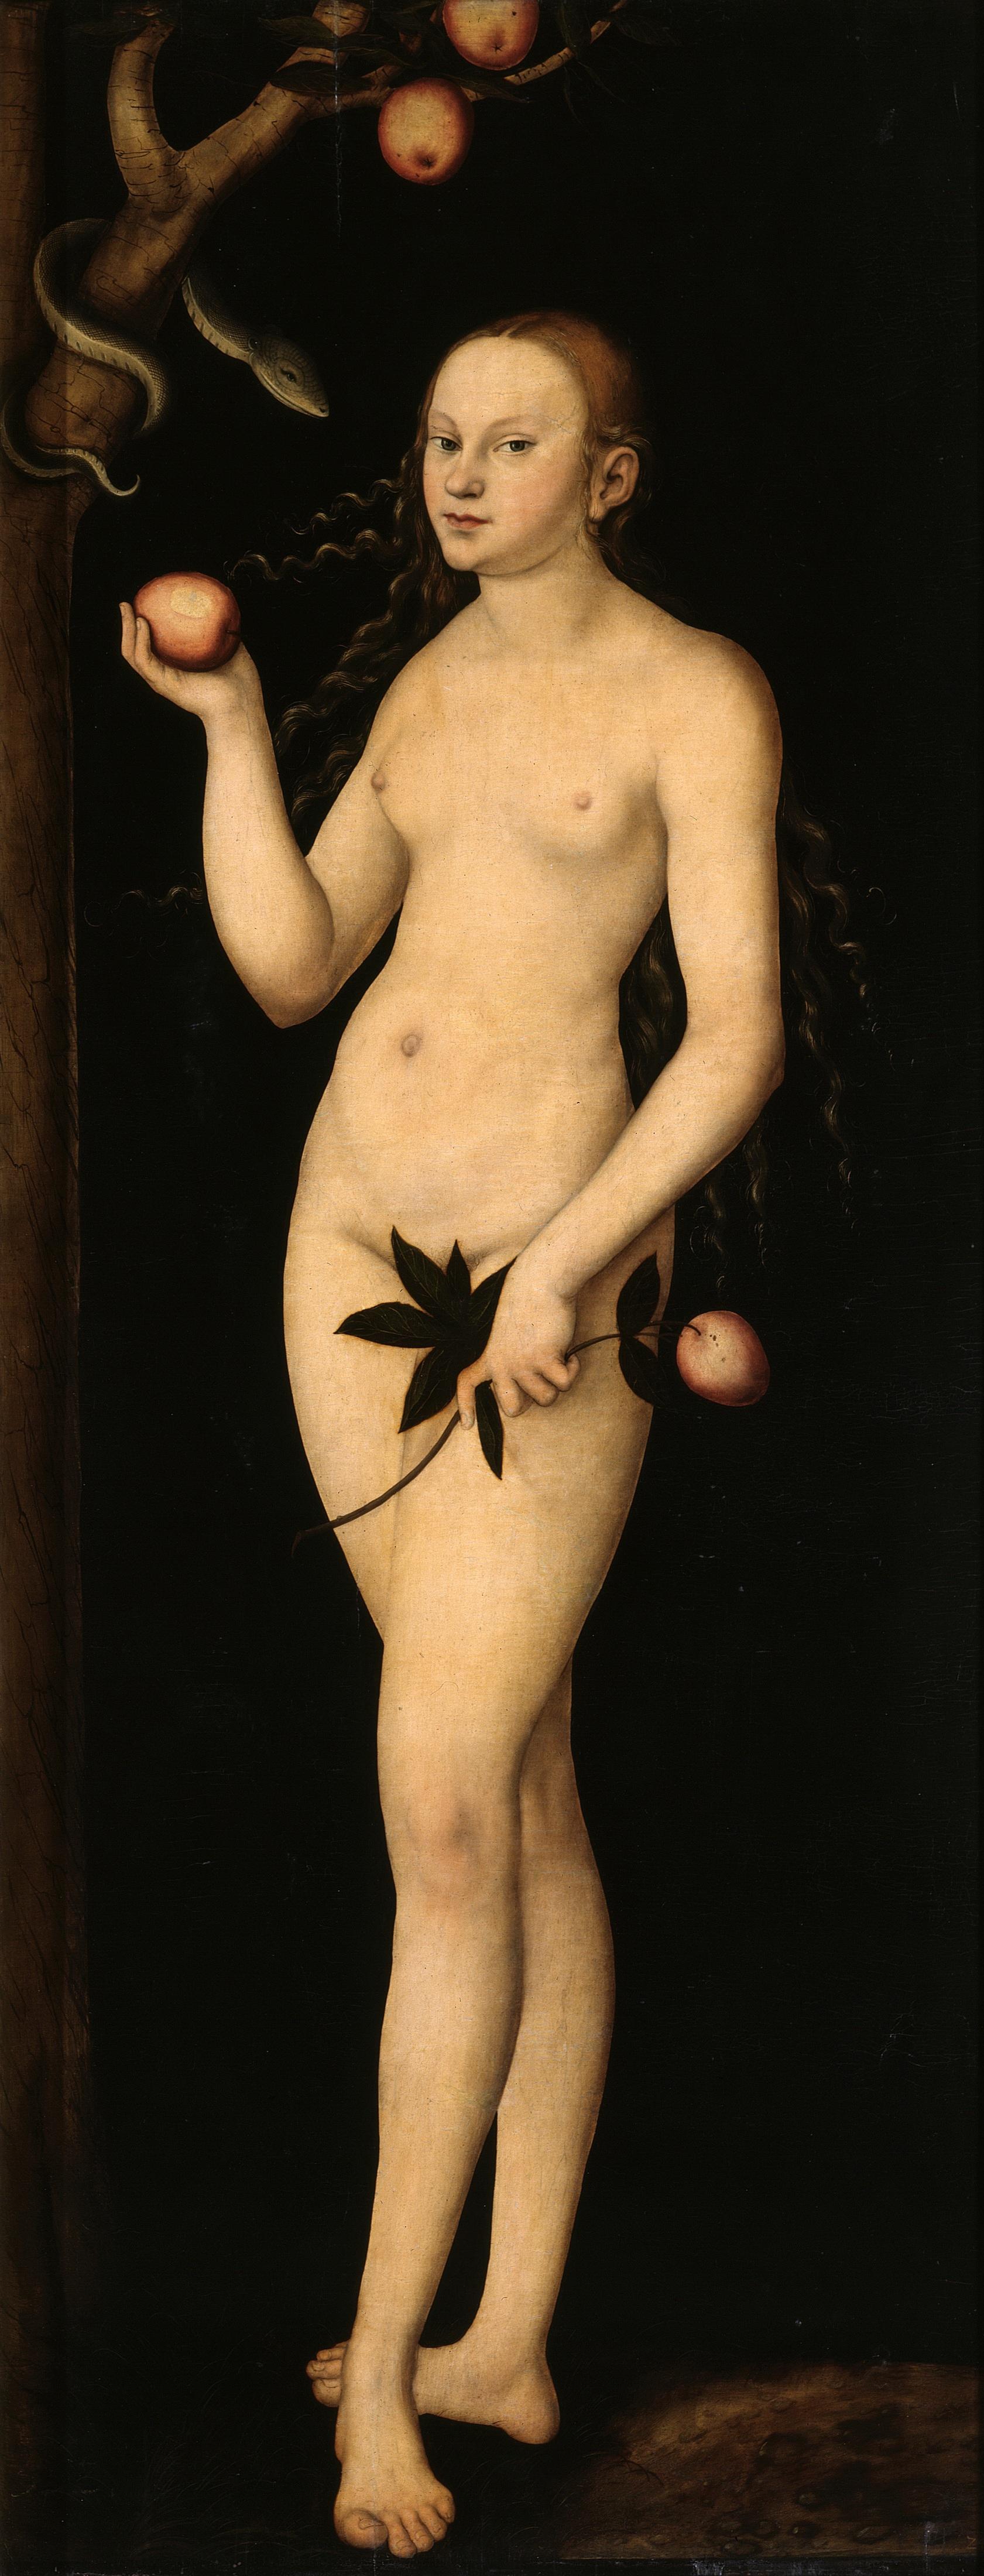 Lucas Cranach I, 1472-1553. Ева. 1531. Дрезден, Галерея старых мастеров